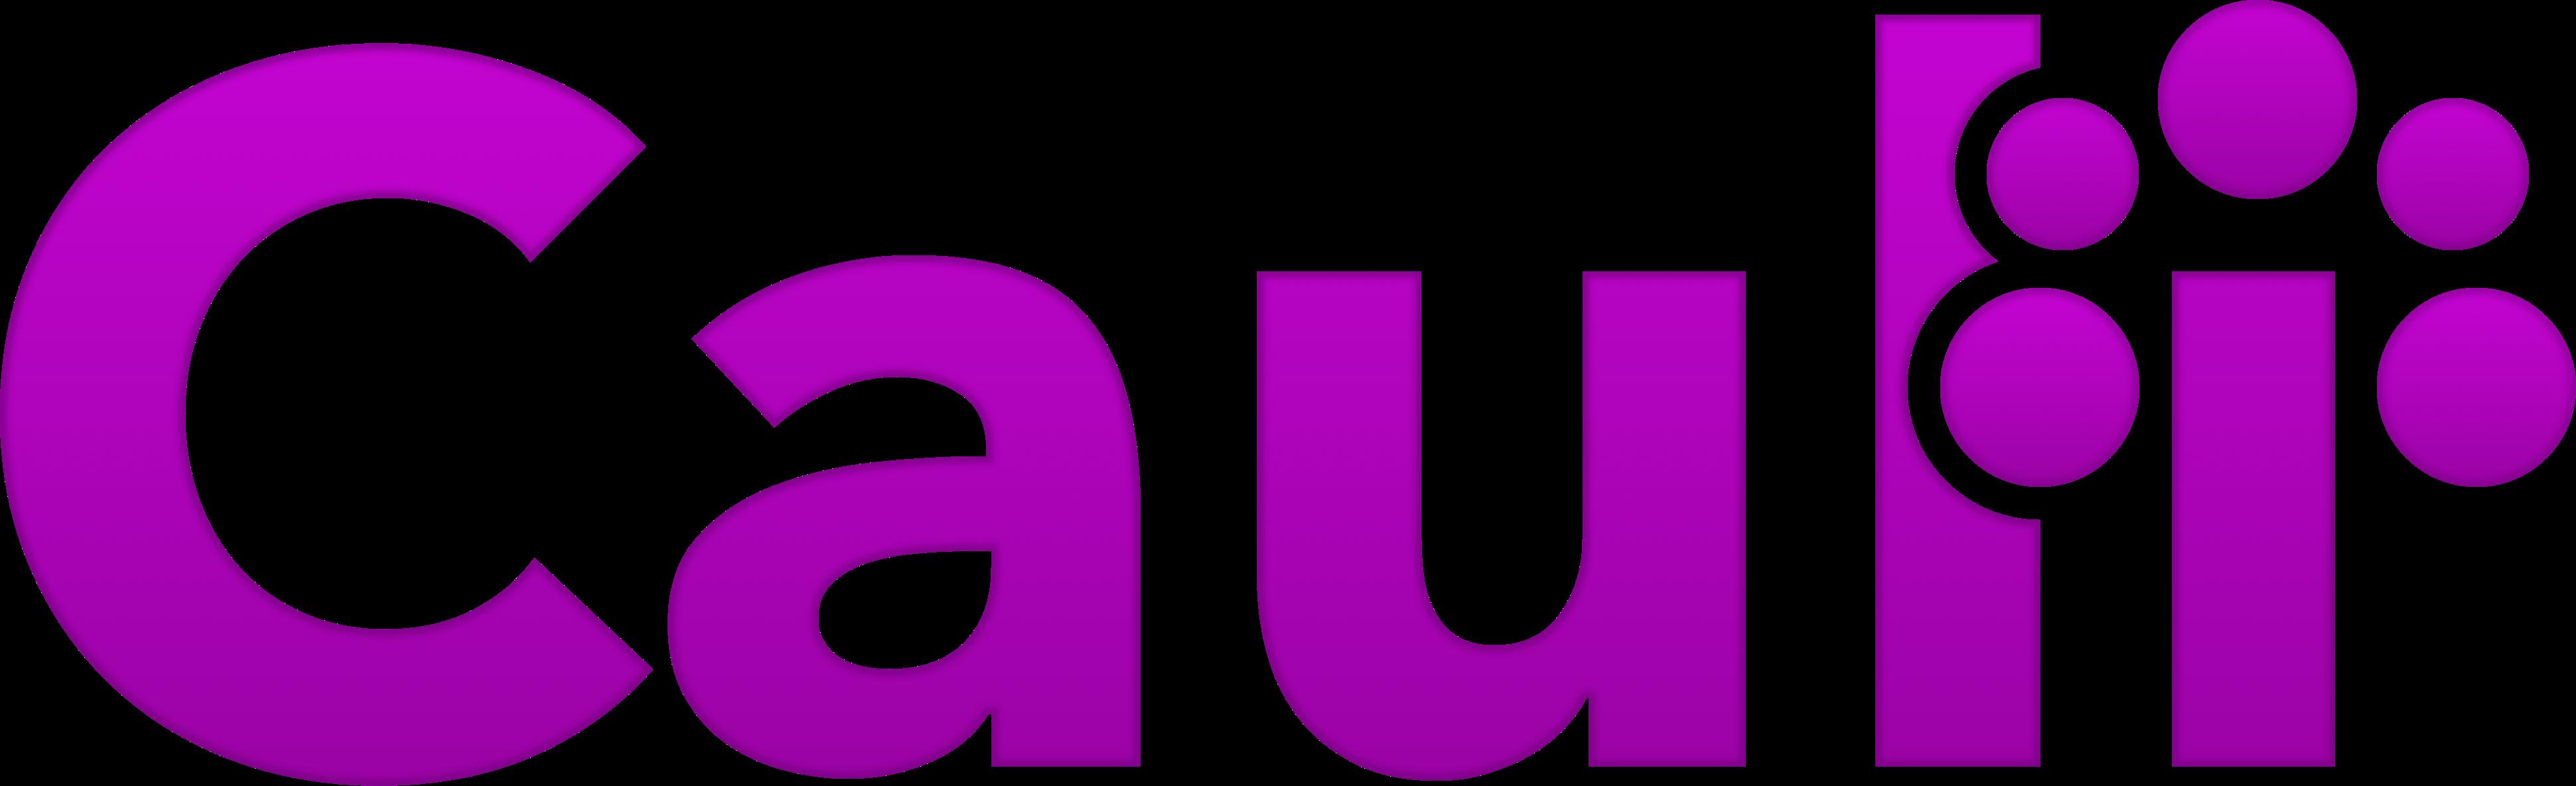 Cauli